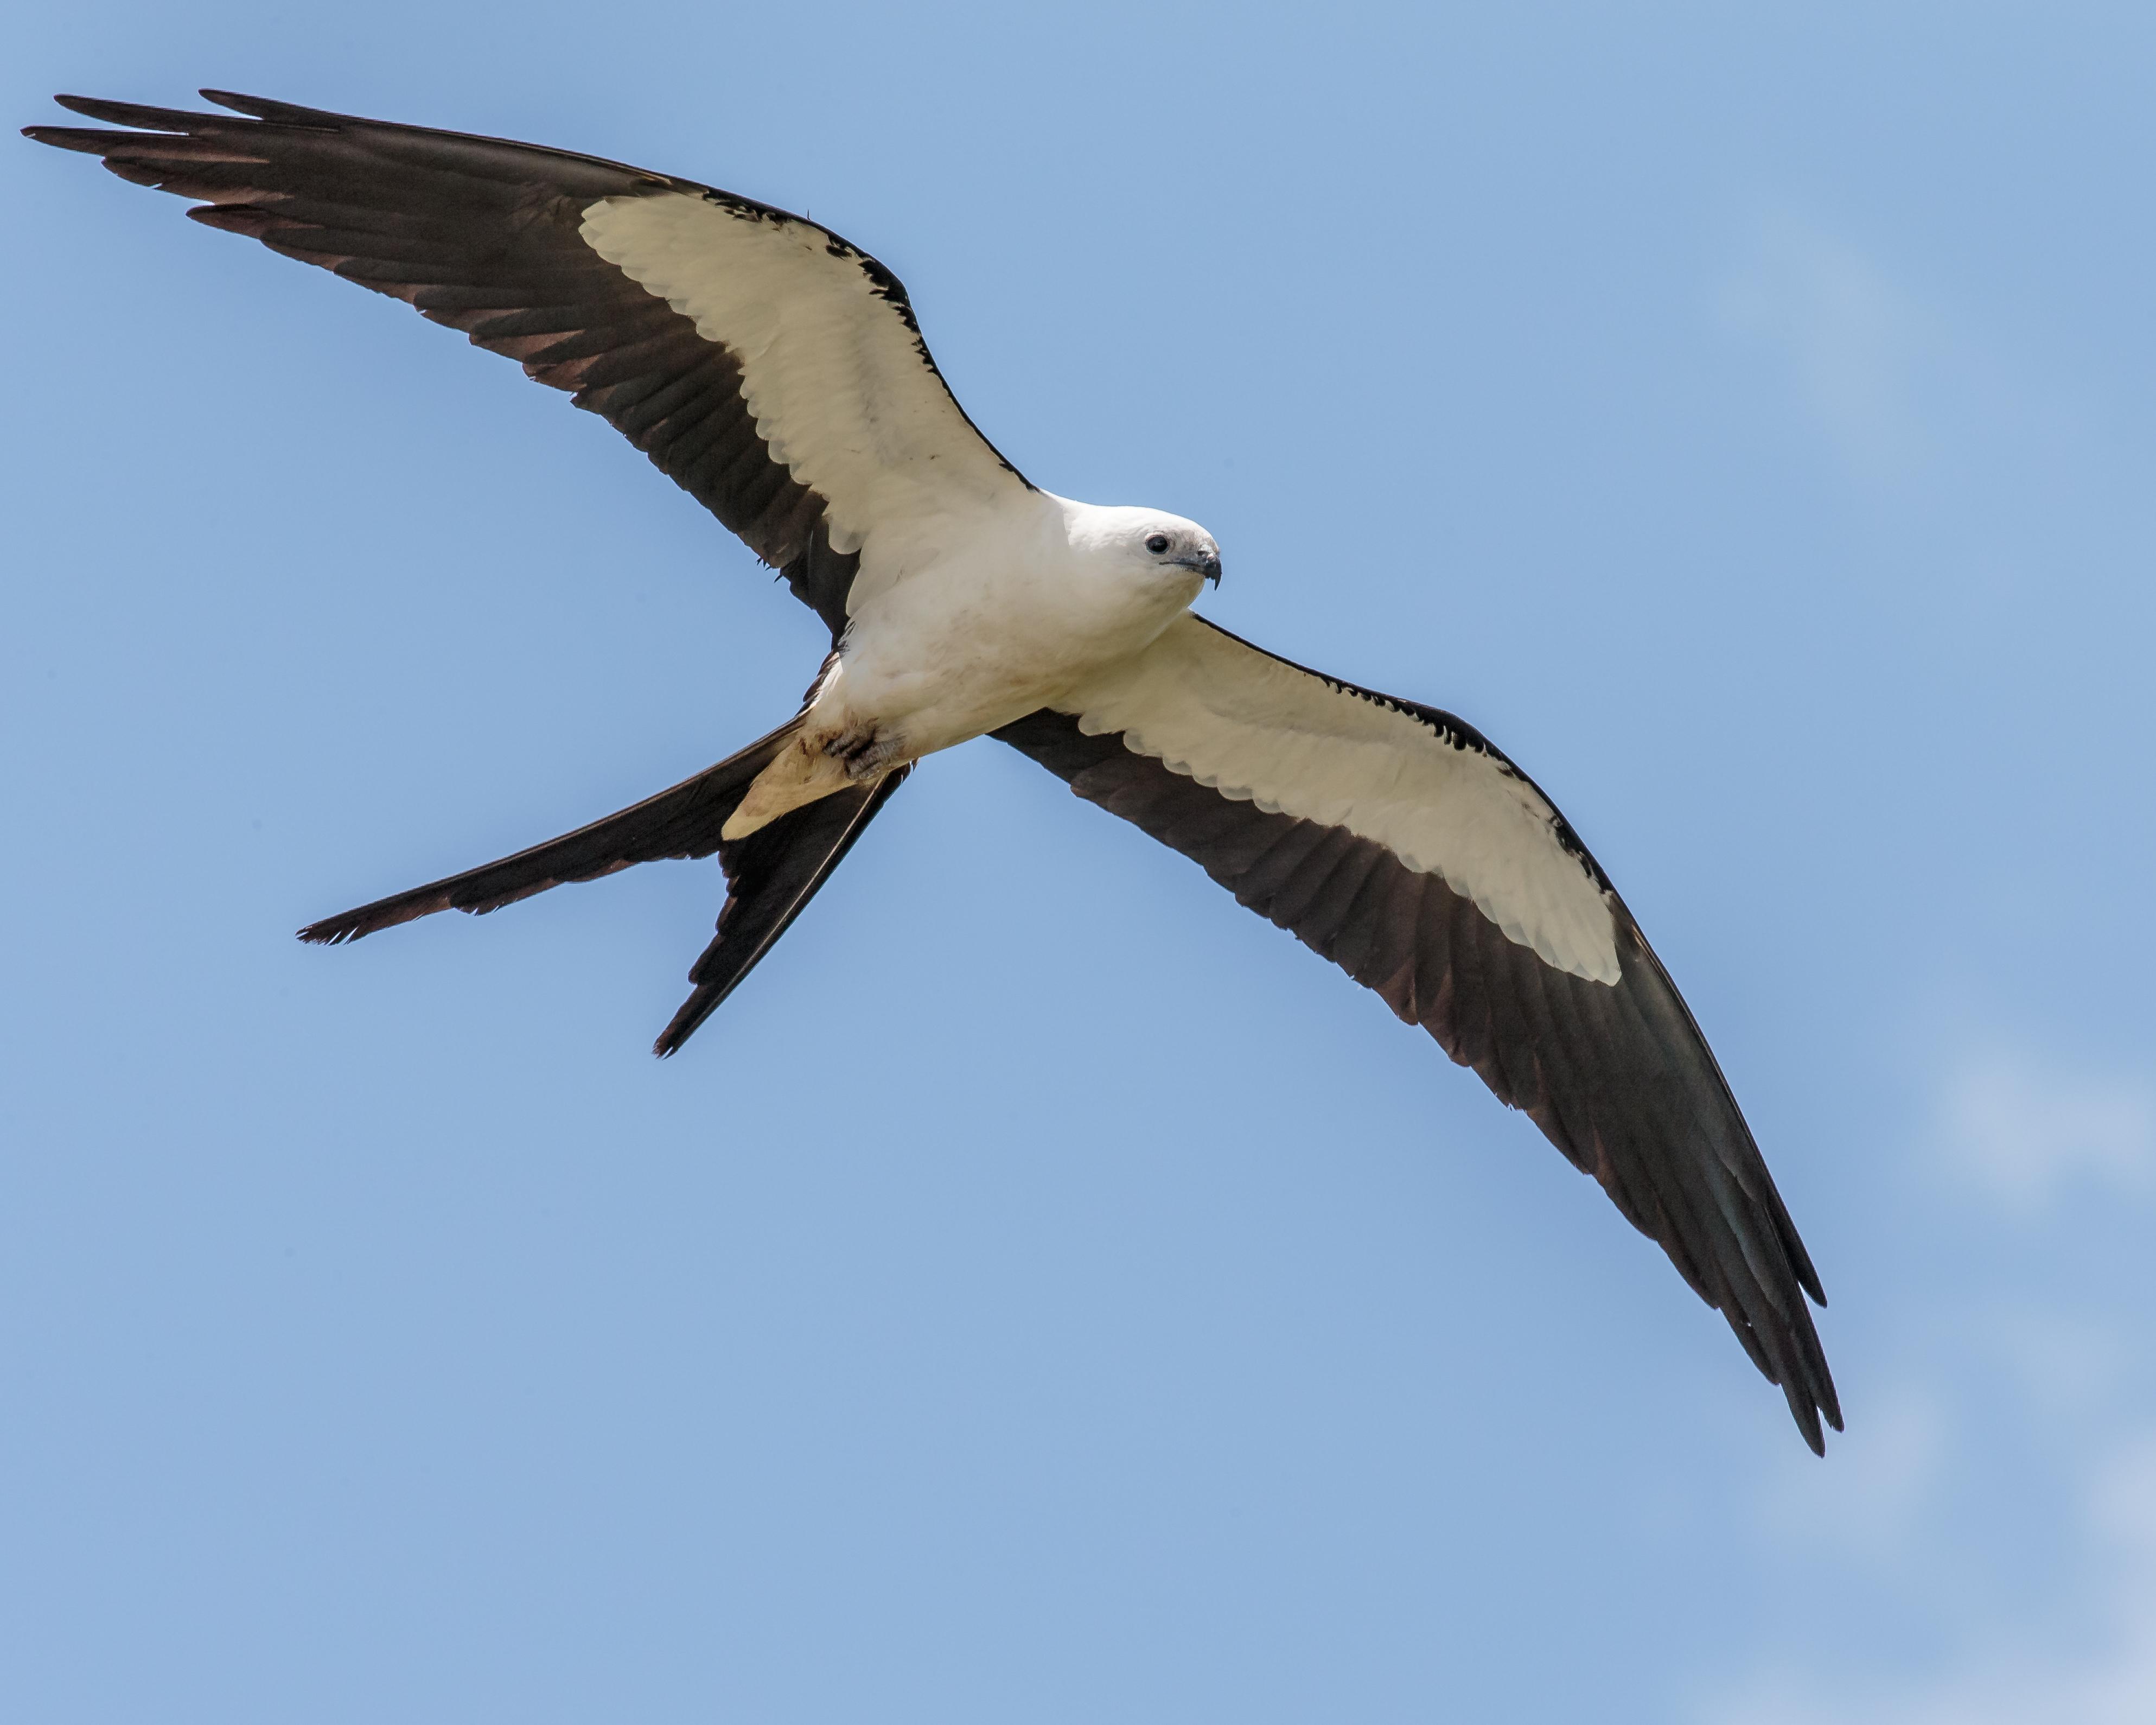 Swallow-tailed kite - Wikipedia